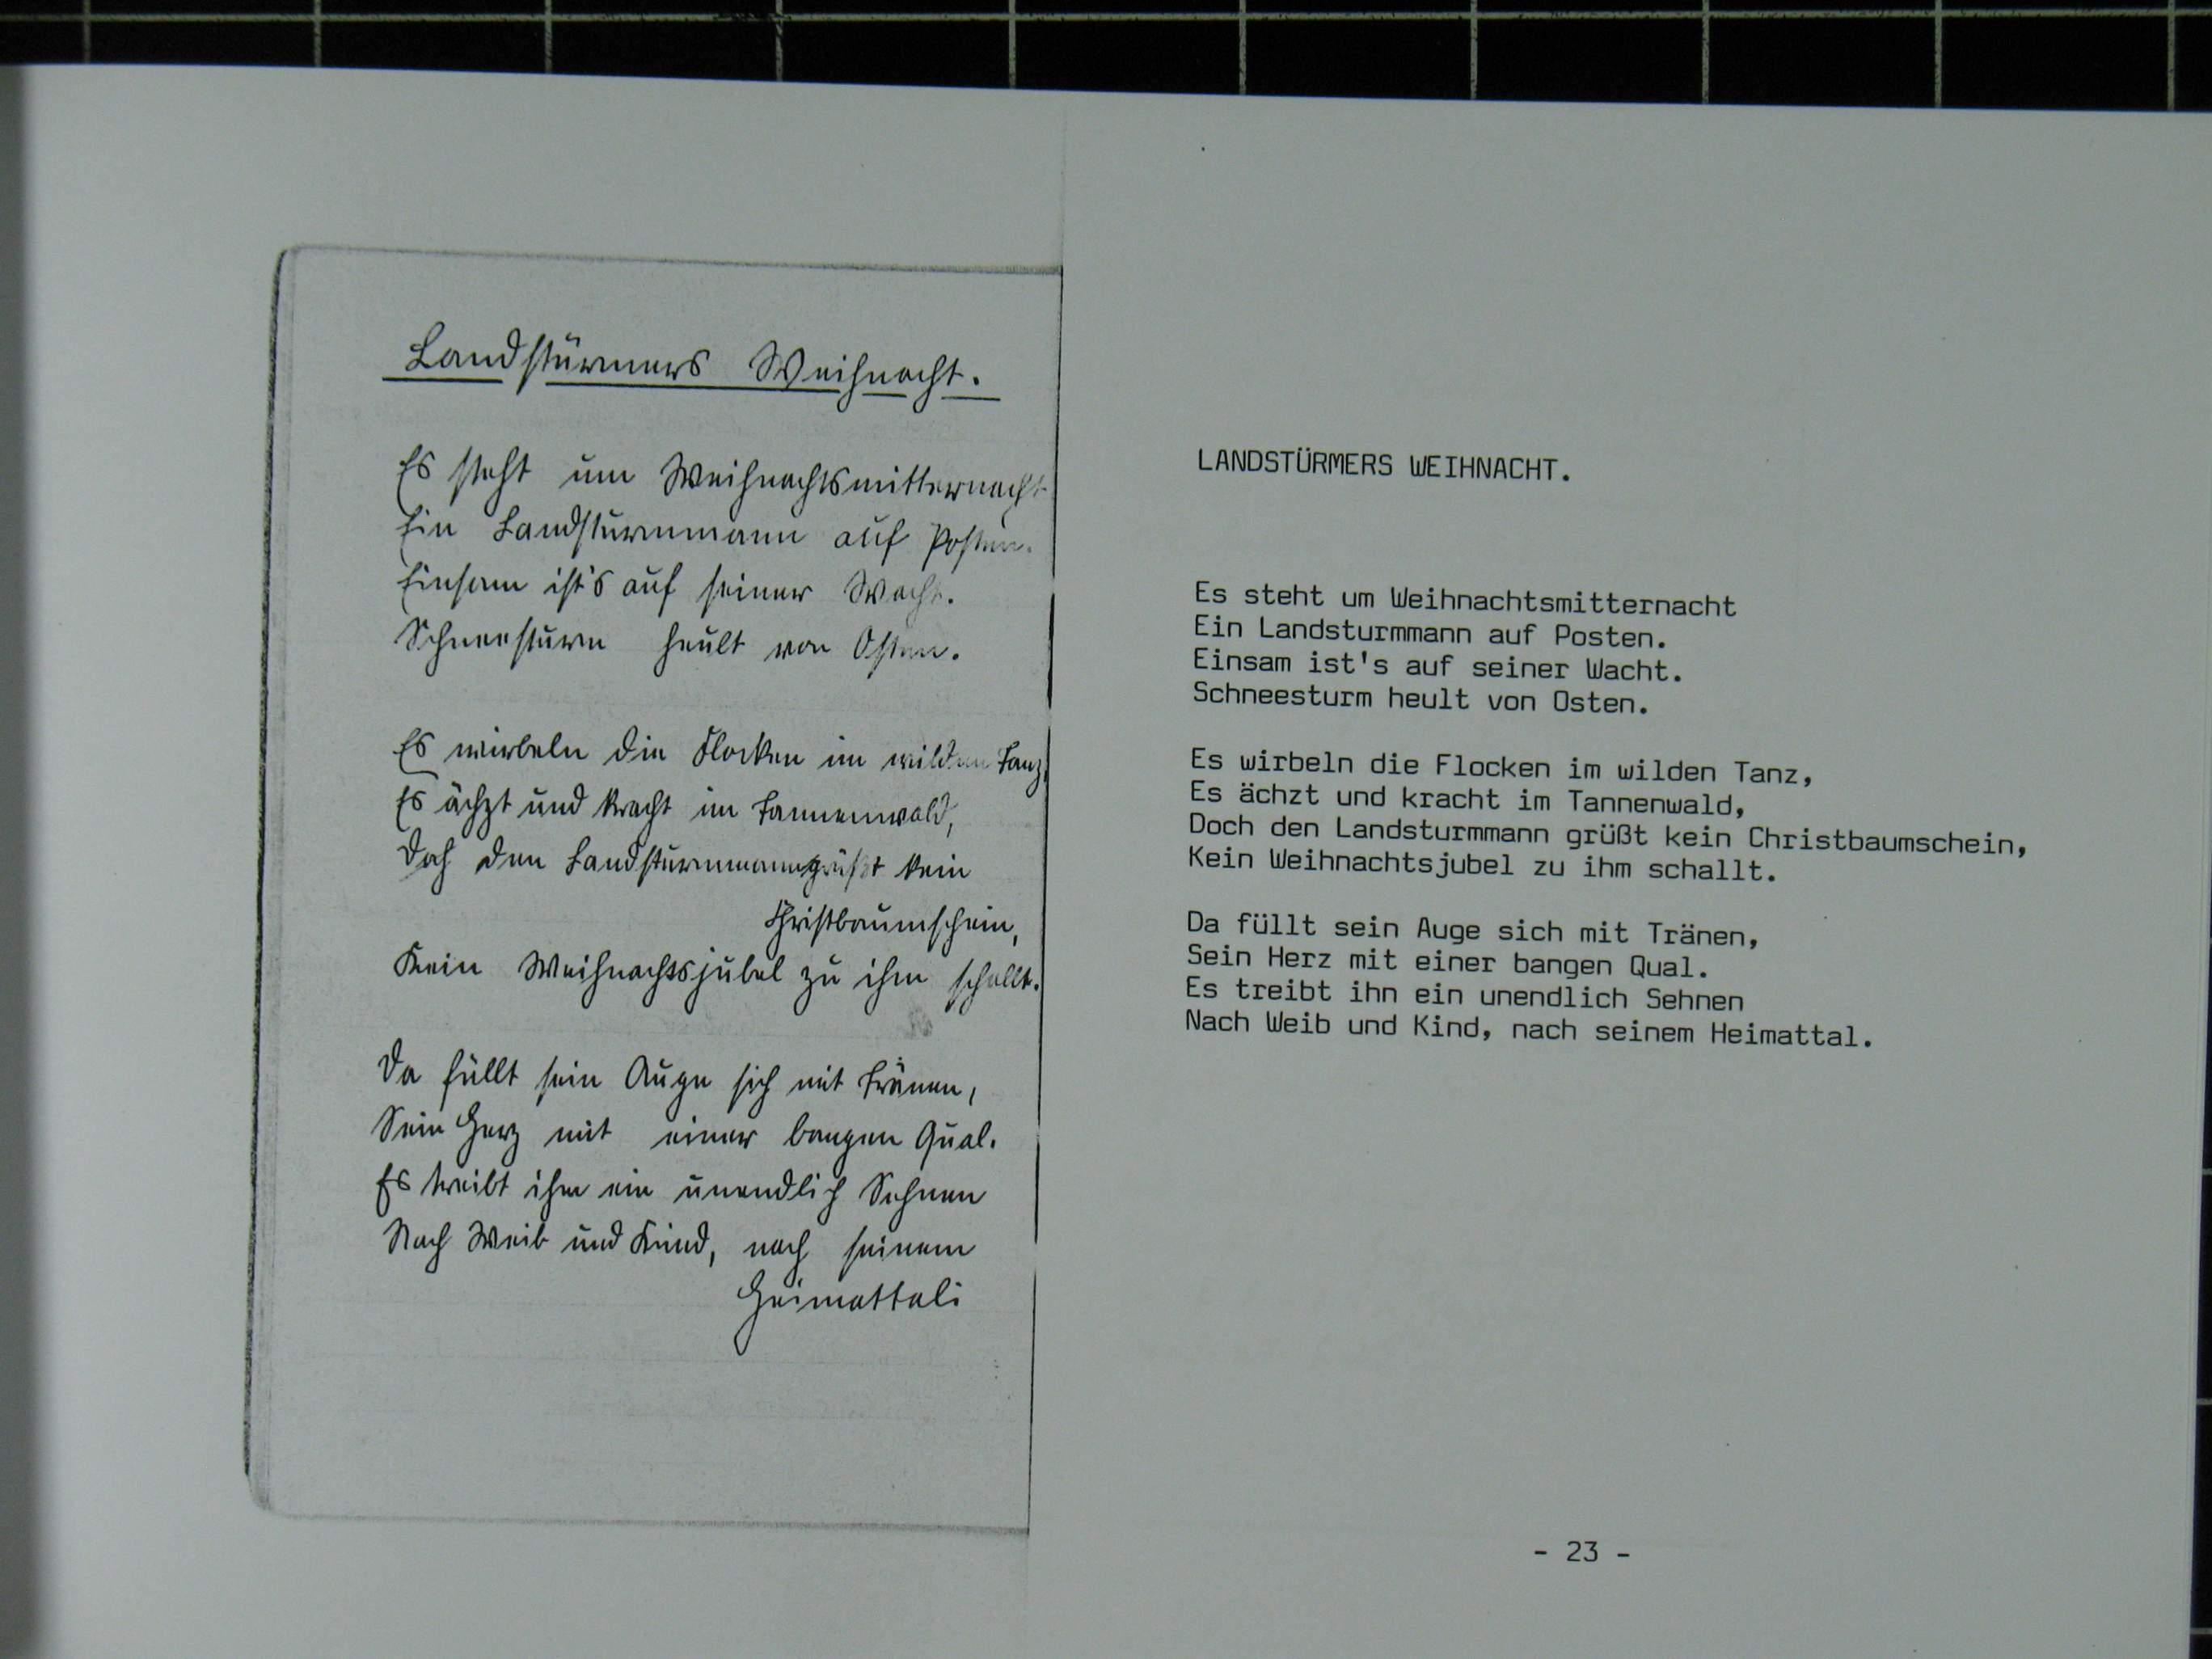 Fotos Und Gedichte Von Ernst Karl Robert Grünwald Aus